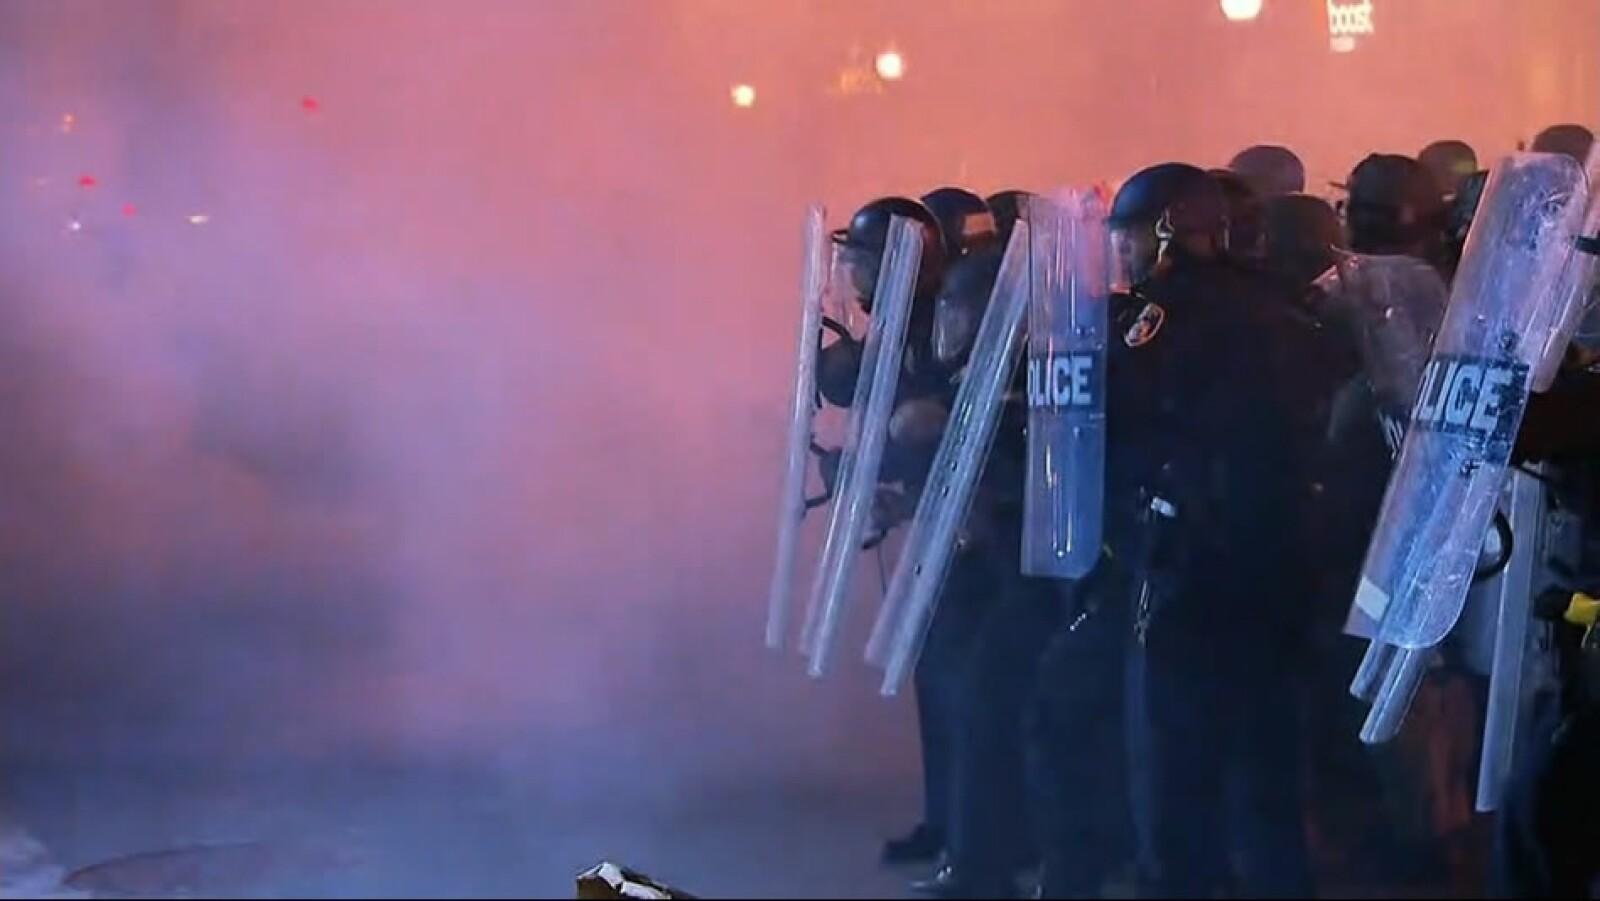 Las autoridades informaron que arrestaran a quienes no cumplan con la prohibición de no salir de las calles